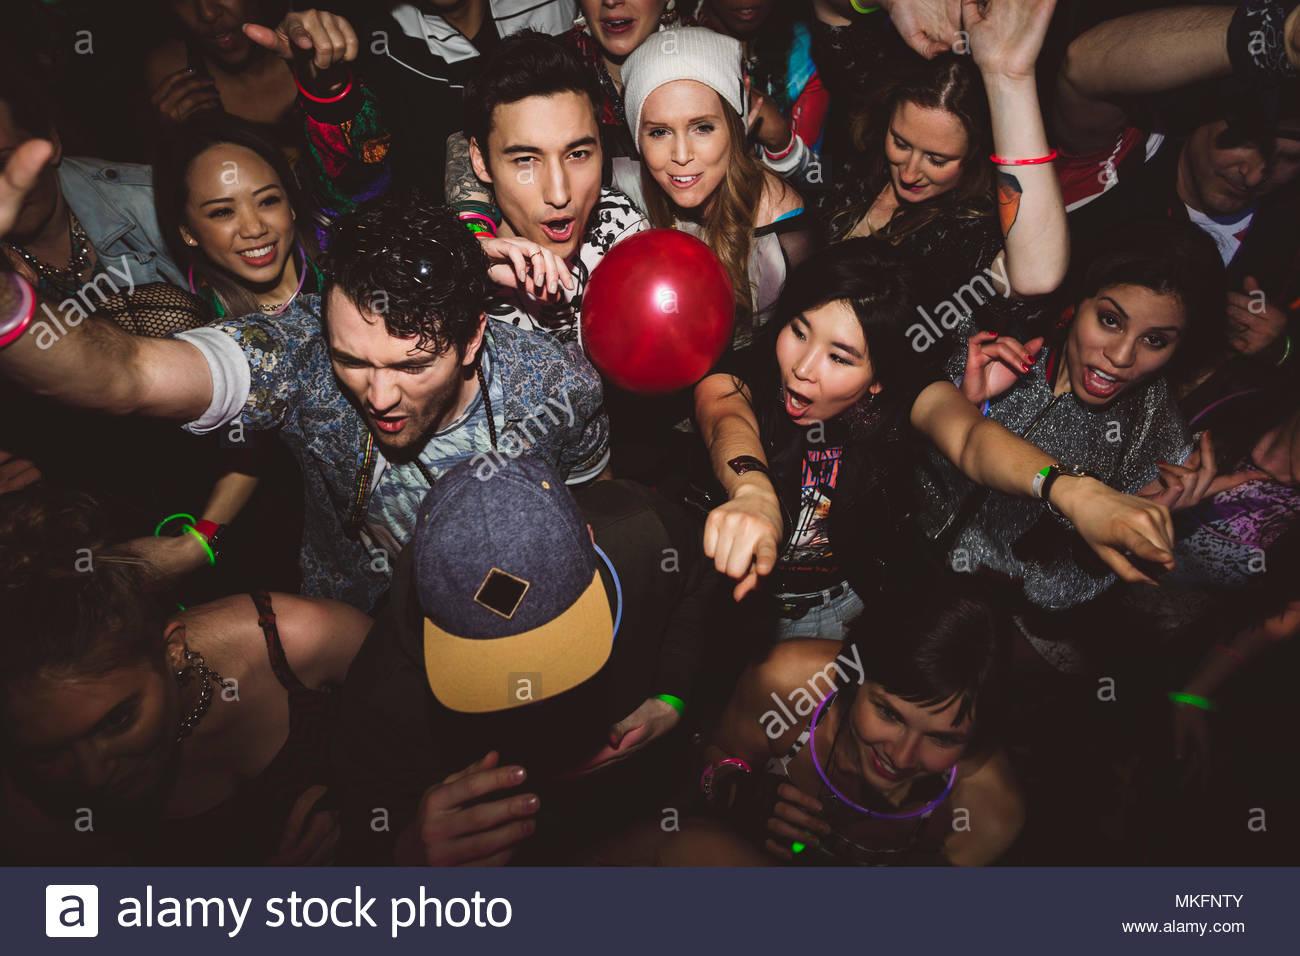 Baile milennials despreocupada, la fiesta en la discoteca Imagen De Stock